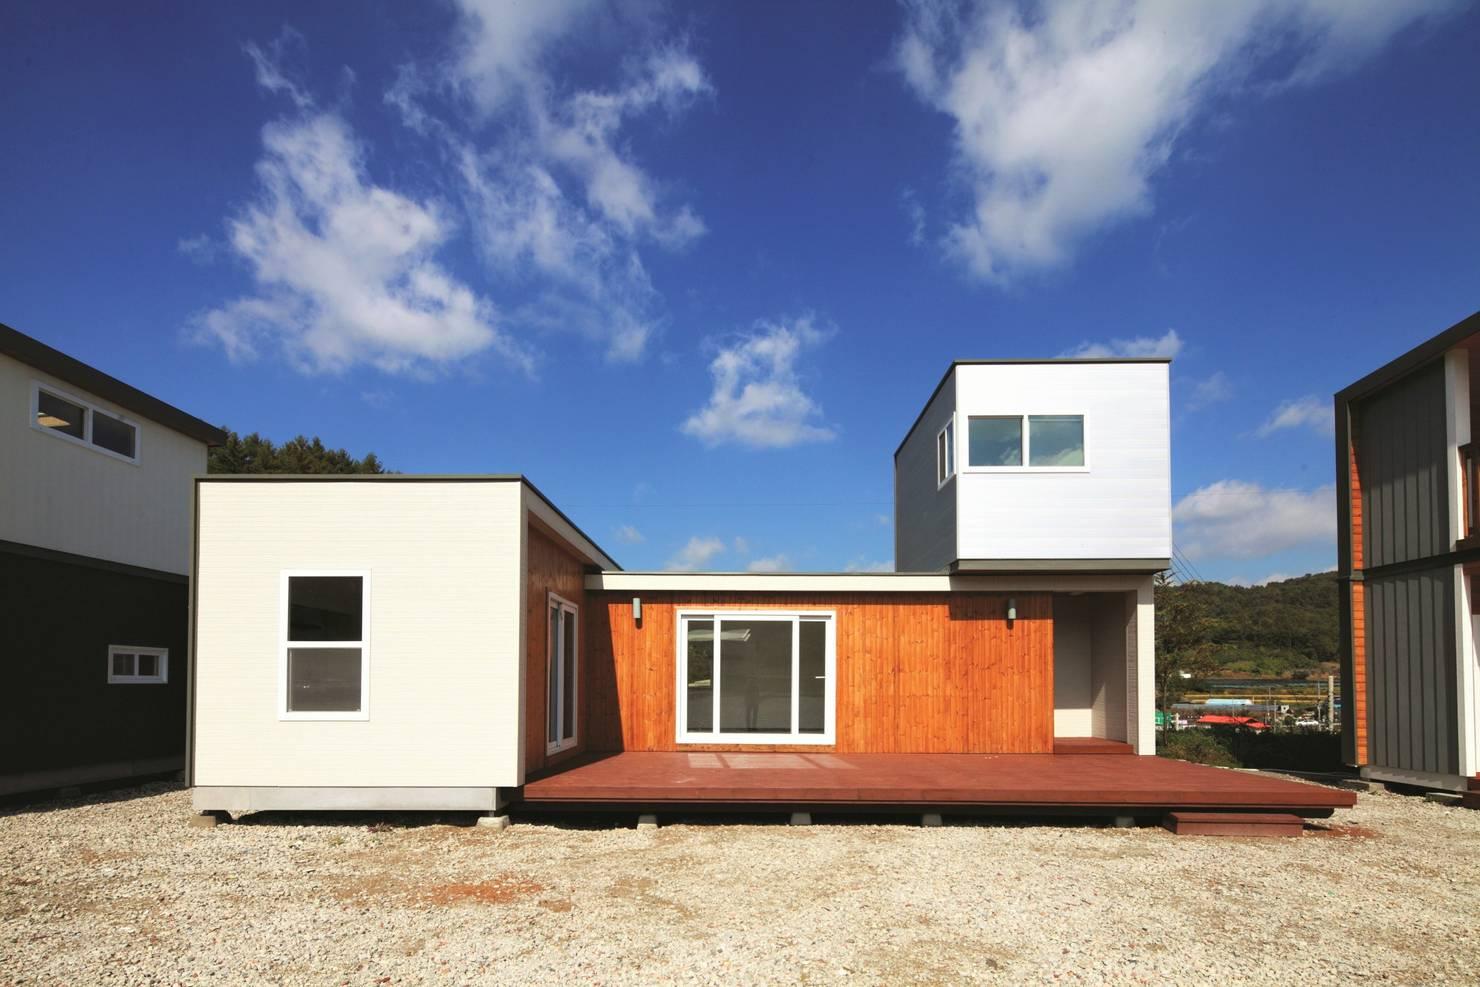 저예산으로 편안하고 쾌적한 집을 완성하는 모듈러 주택 디자인